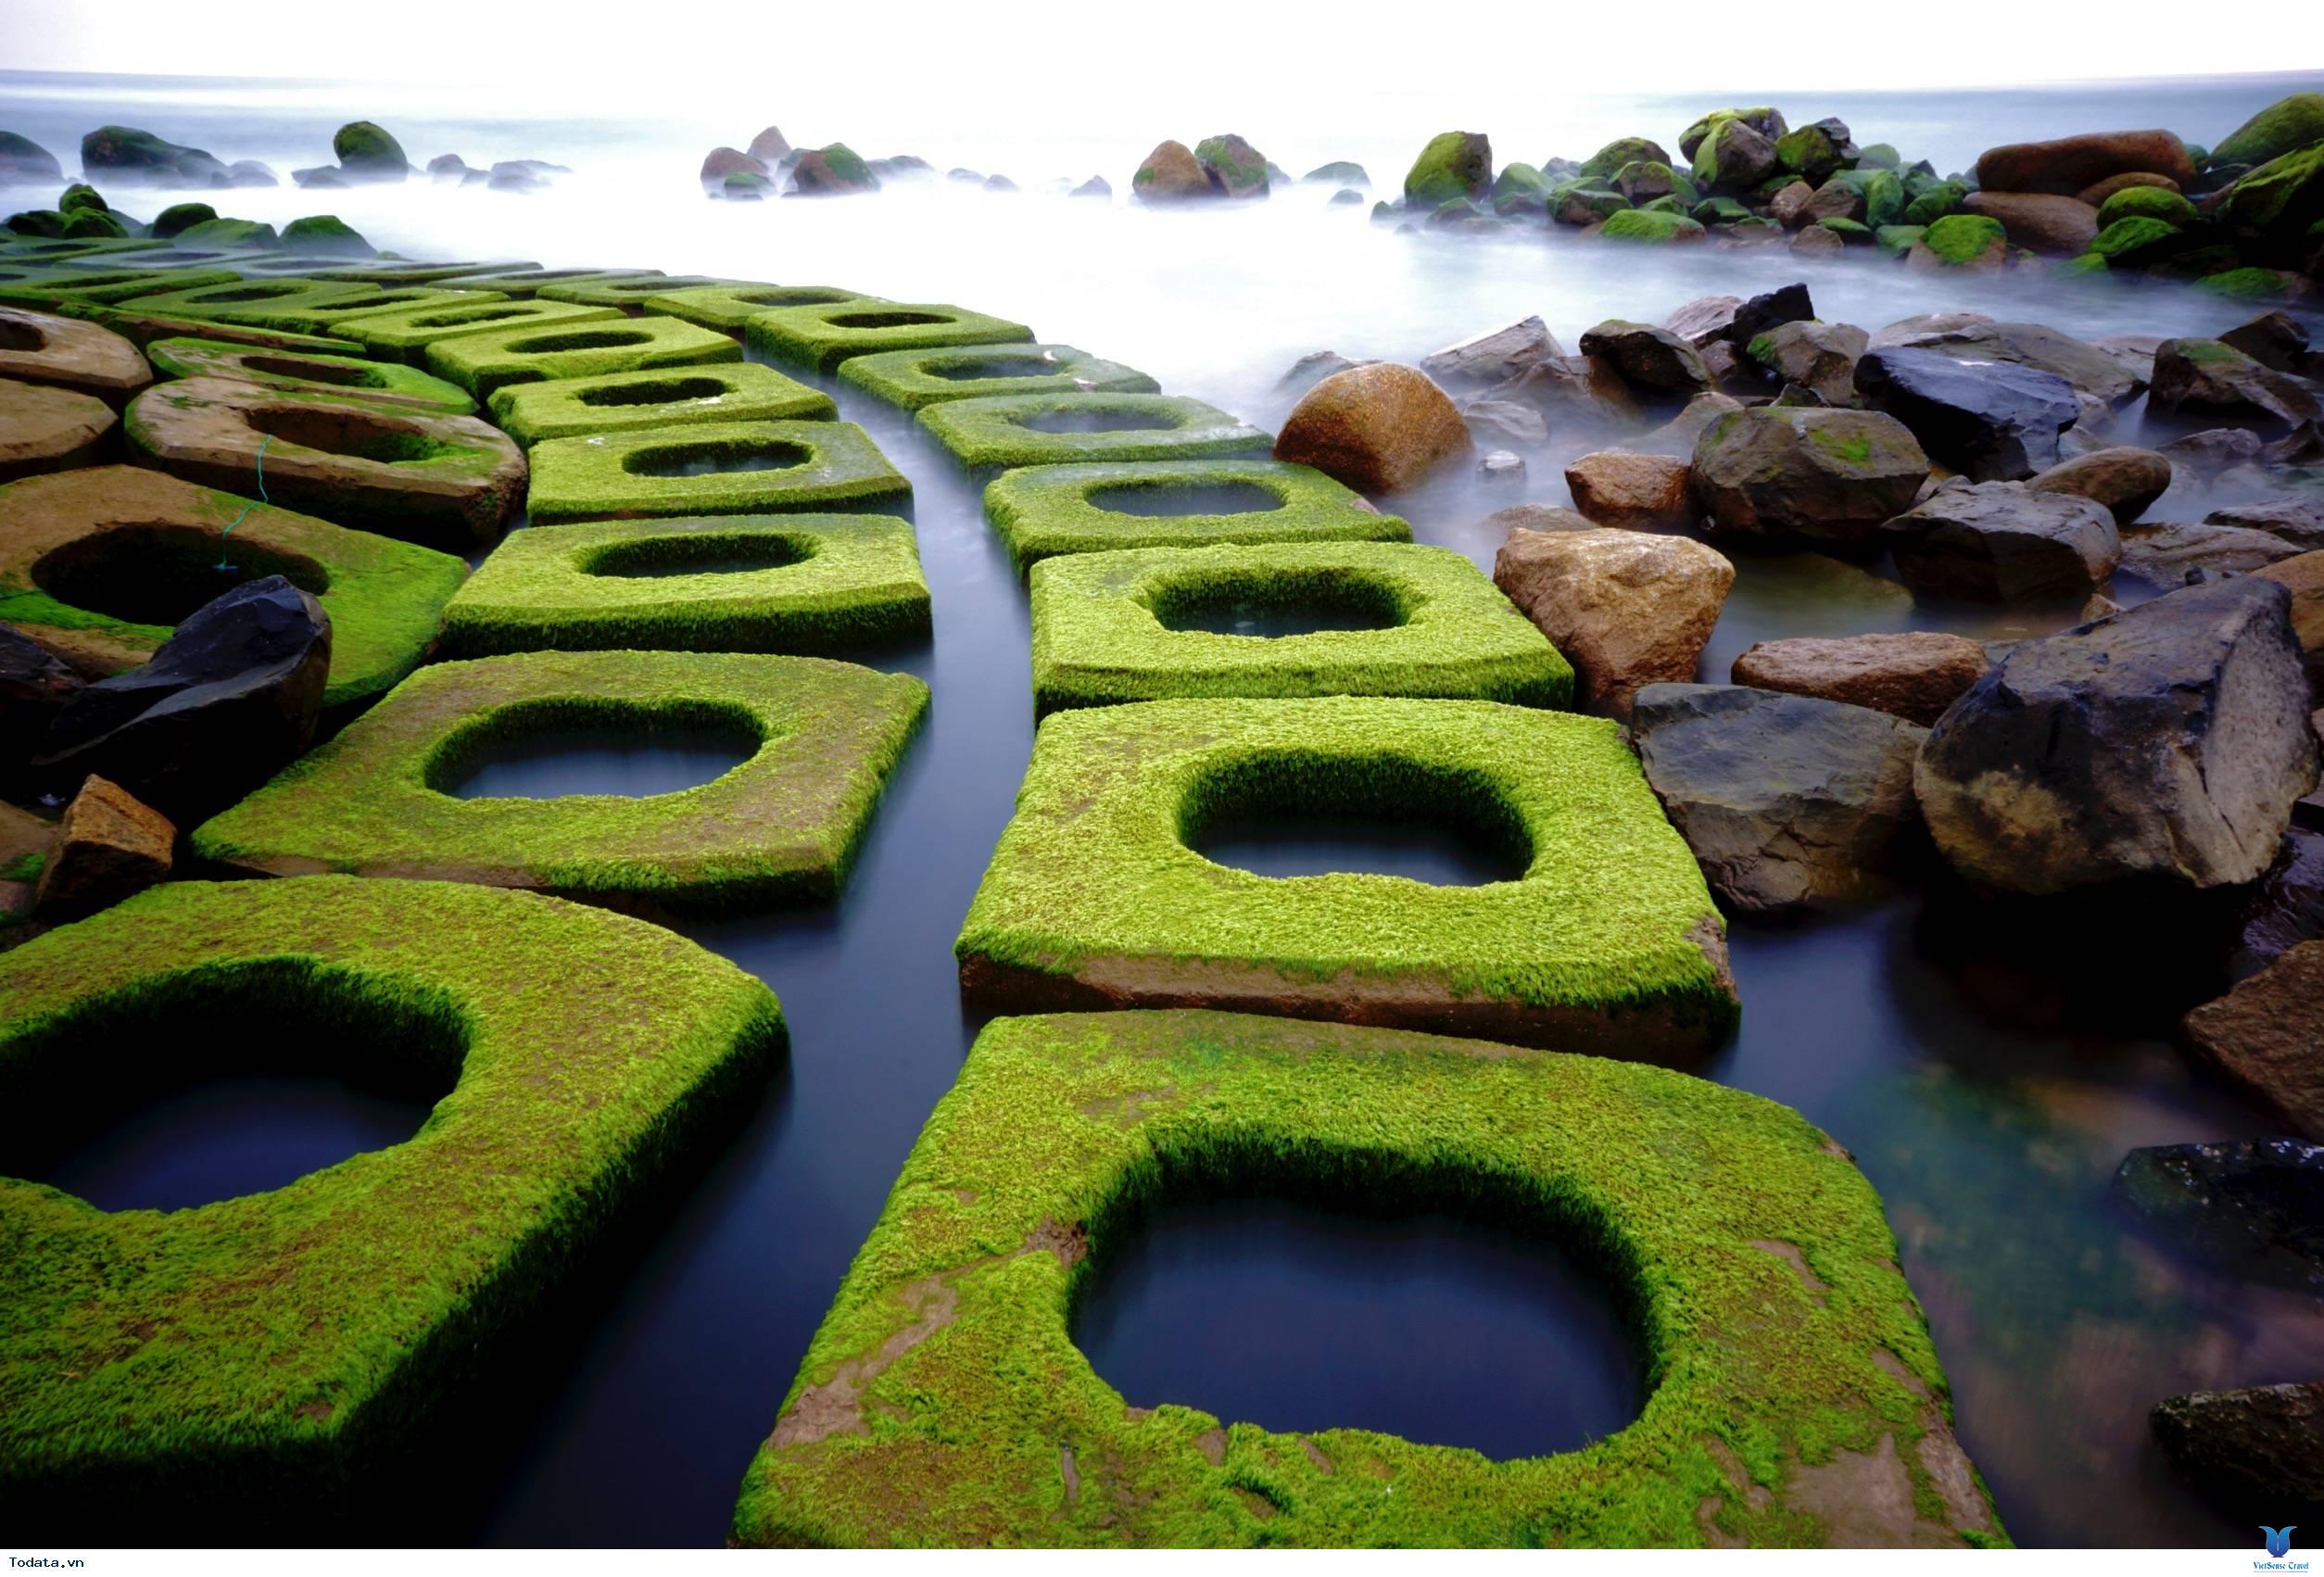 Kè chắn sóng Xóm Rớ thành bãi đá rêu xanh hút hồn du khách - Ảnh 5